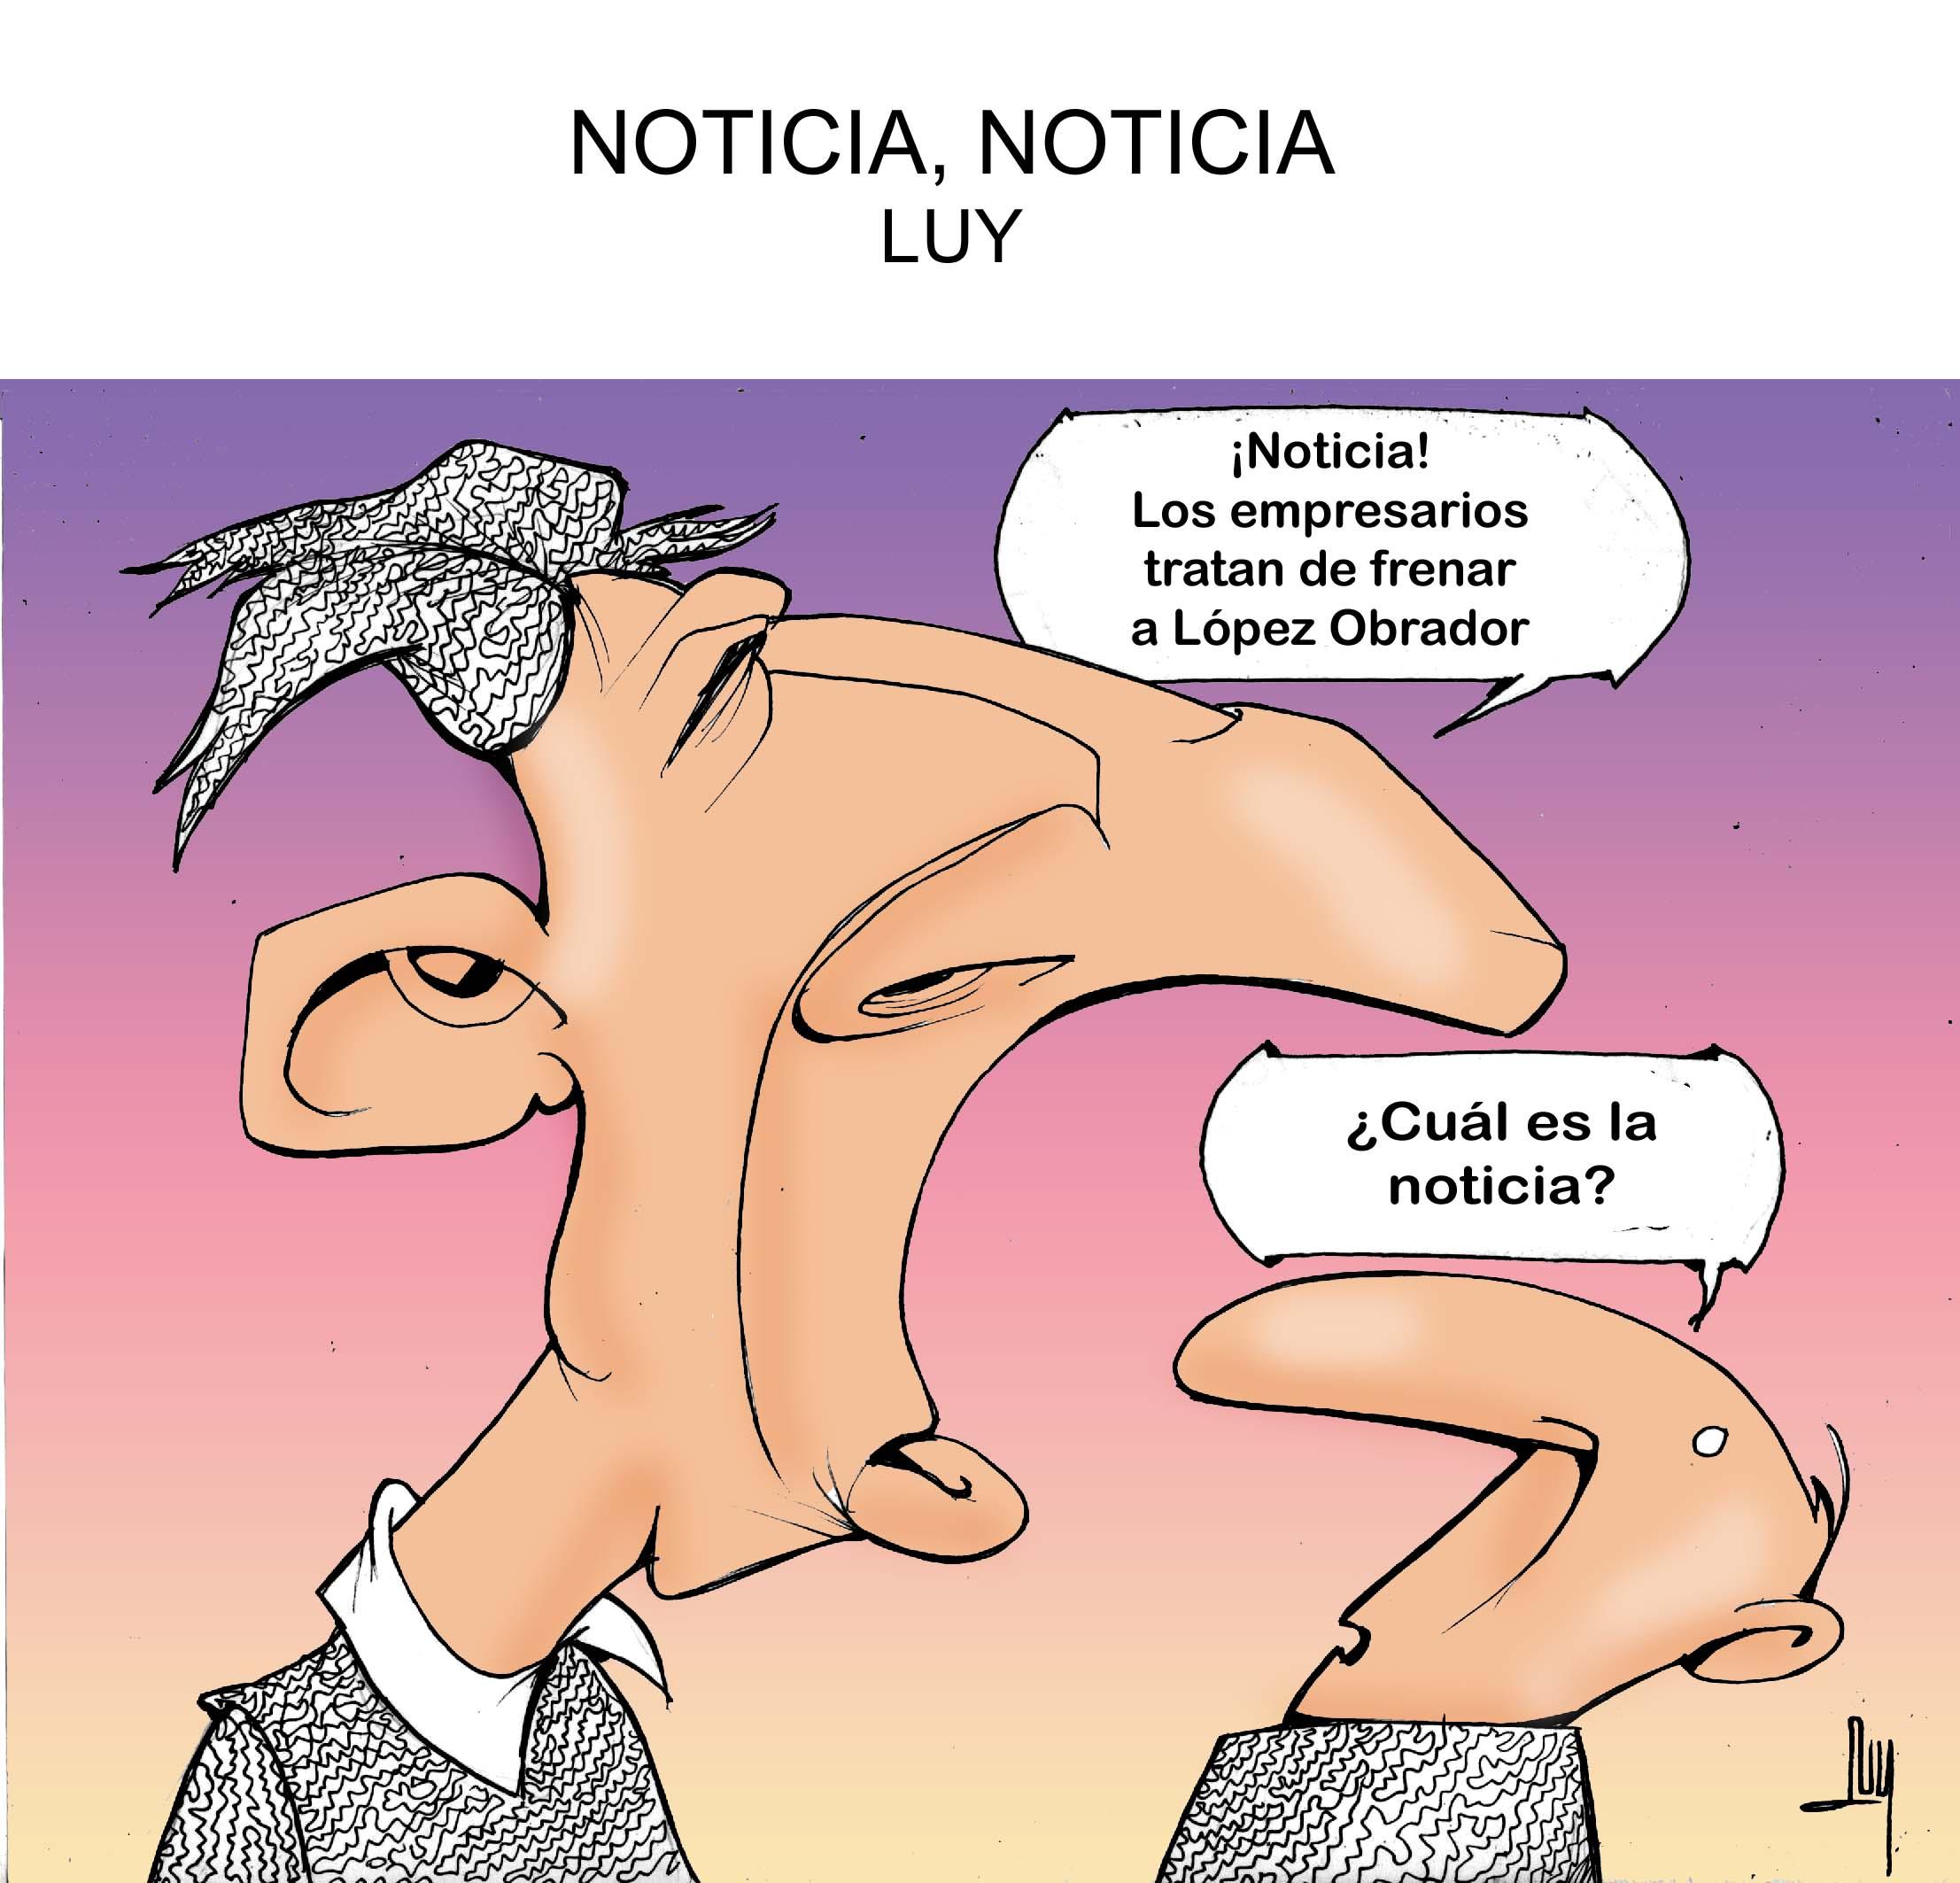 noticia-noticia